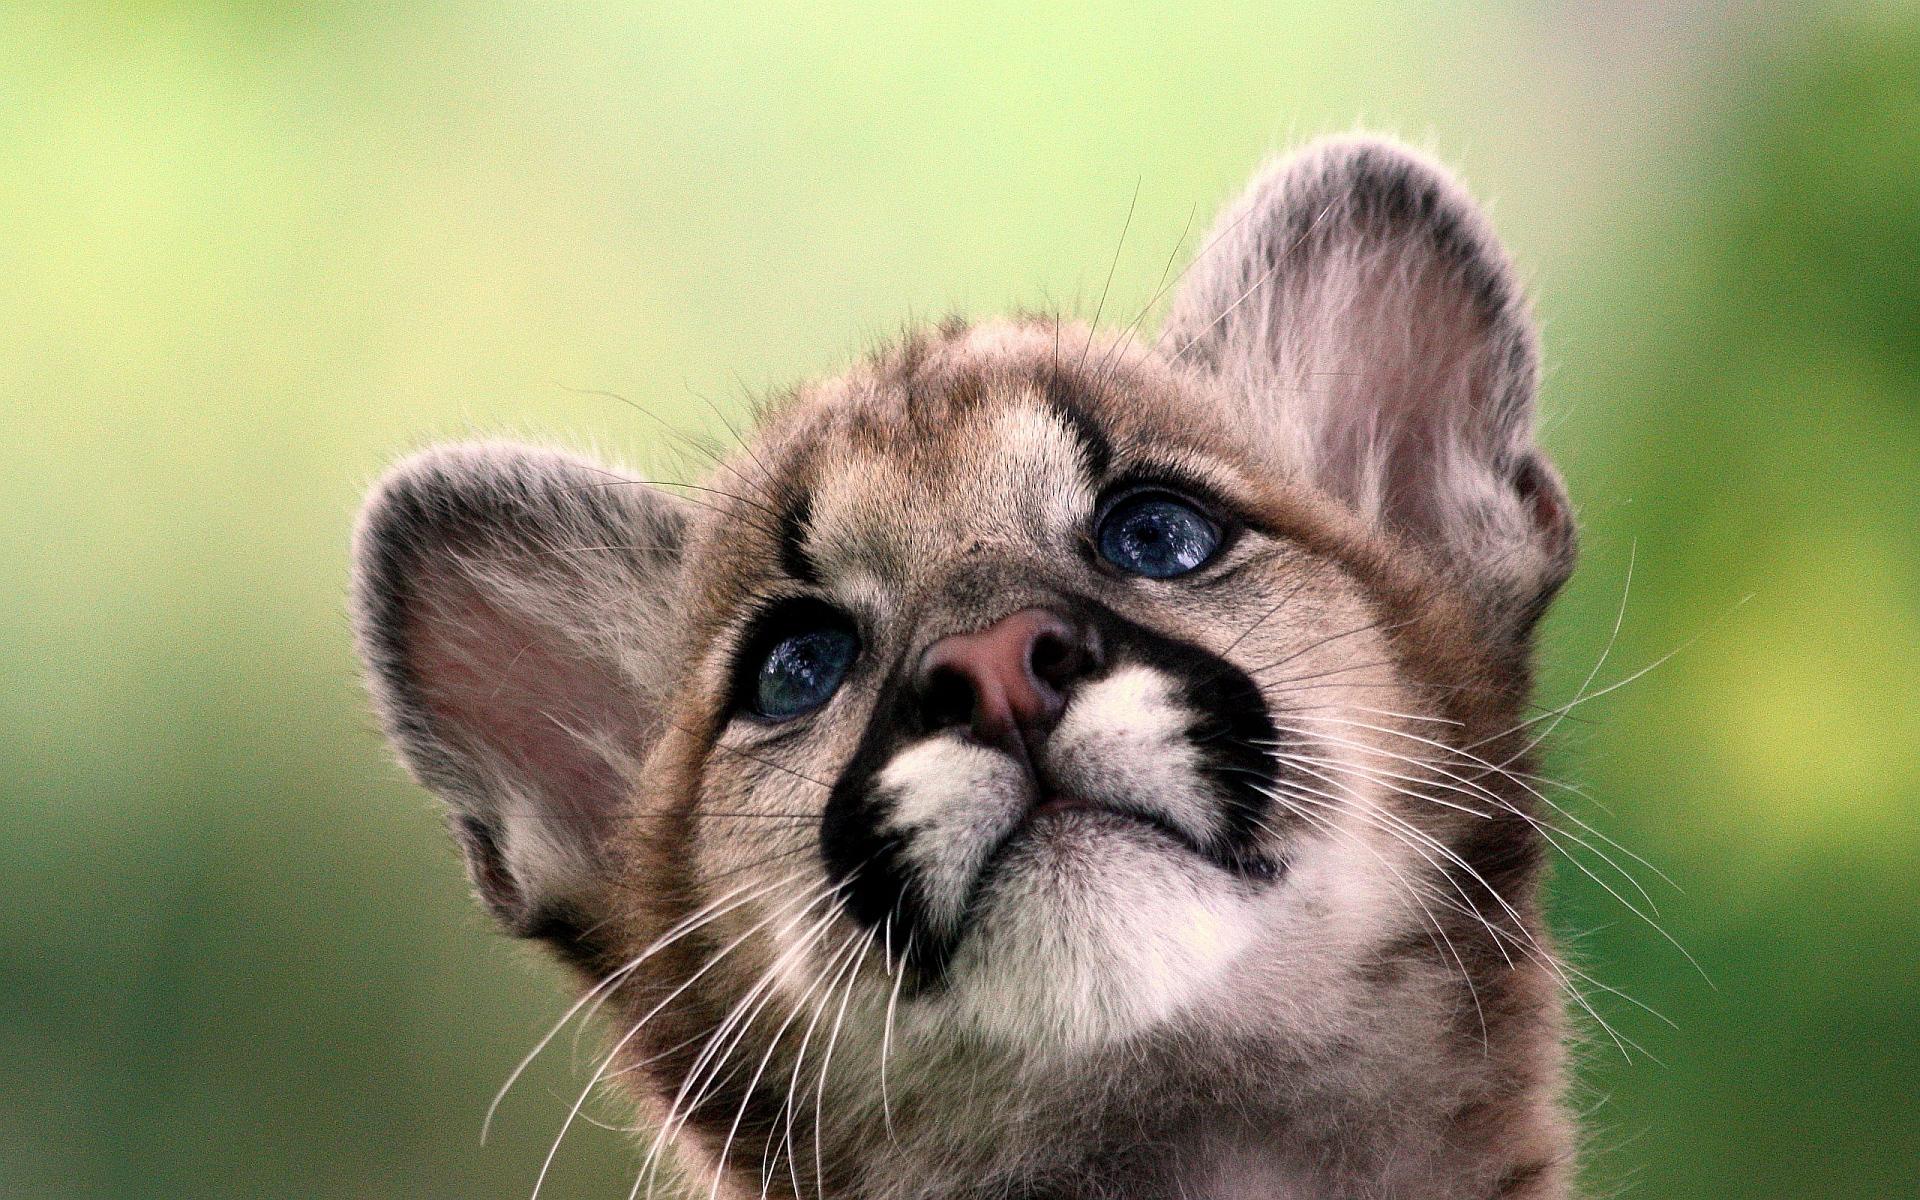 adorable cougar wallpaper 24706